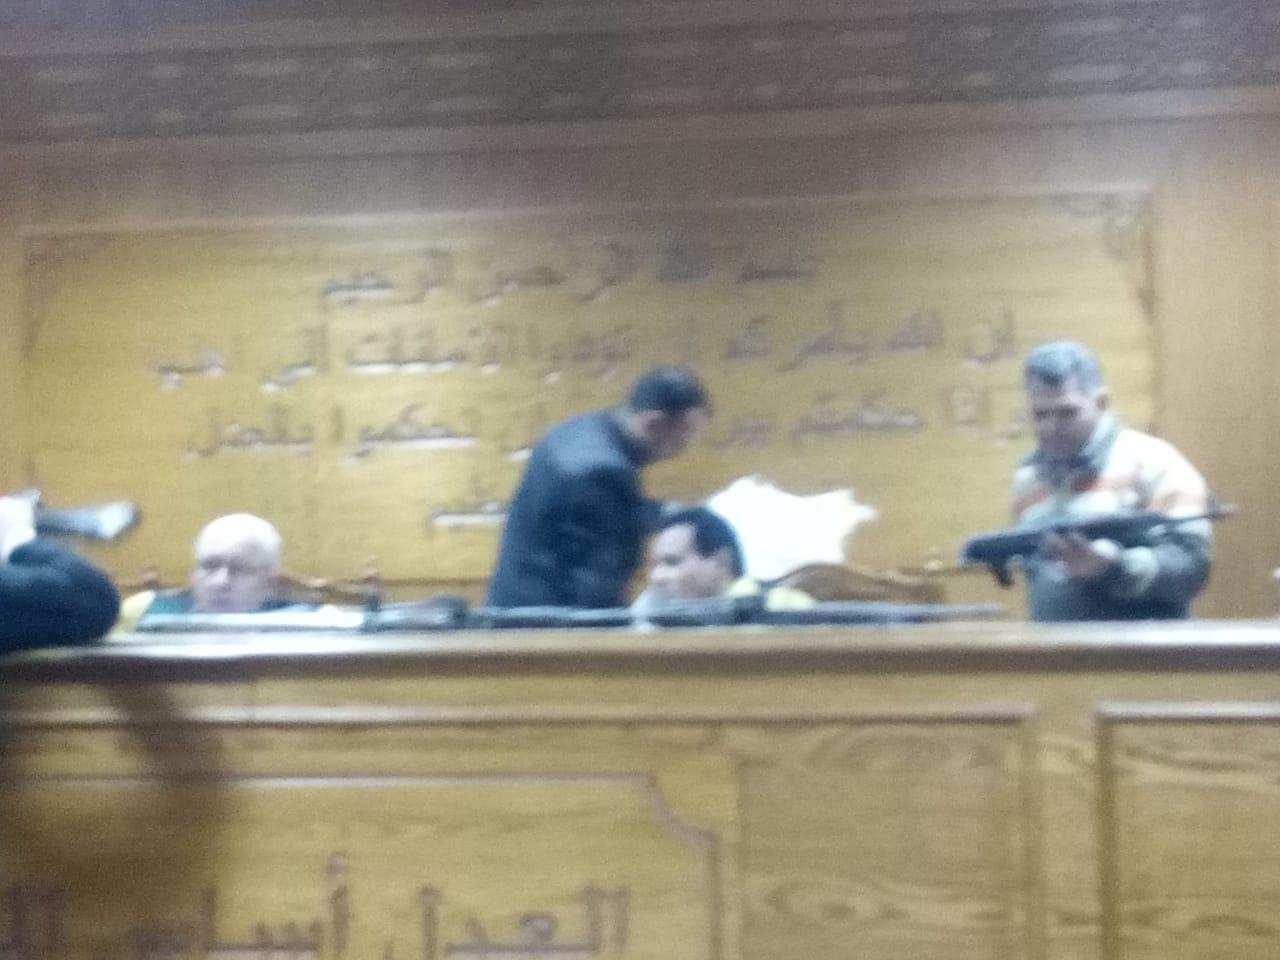 هيئة المحكمة برئاسة المستشار محمد سعيد الشربينى تفض احراز العائدون من ليبيا (5)